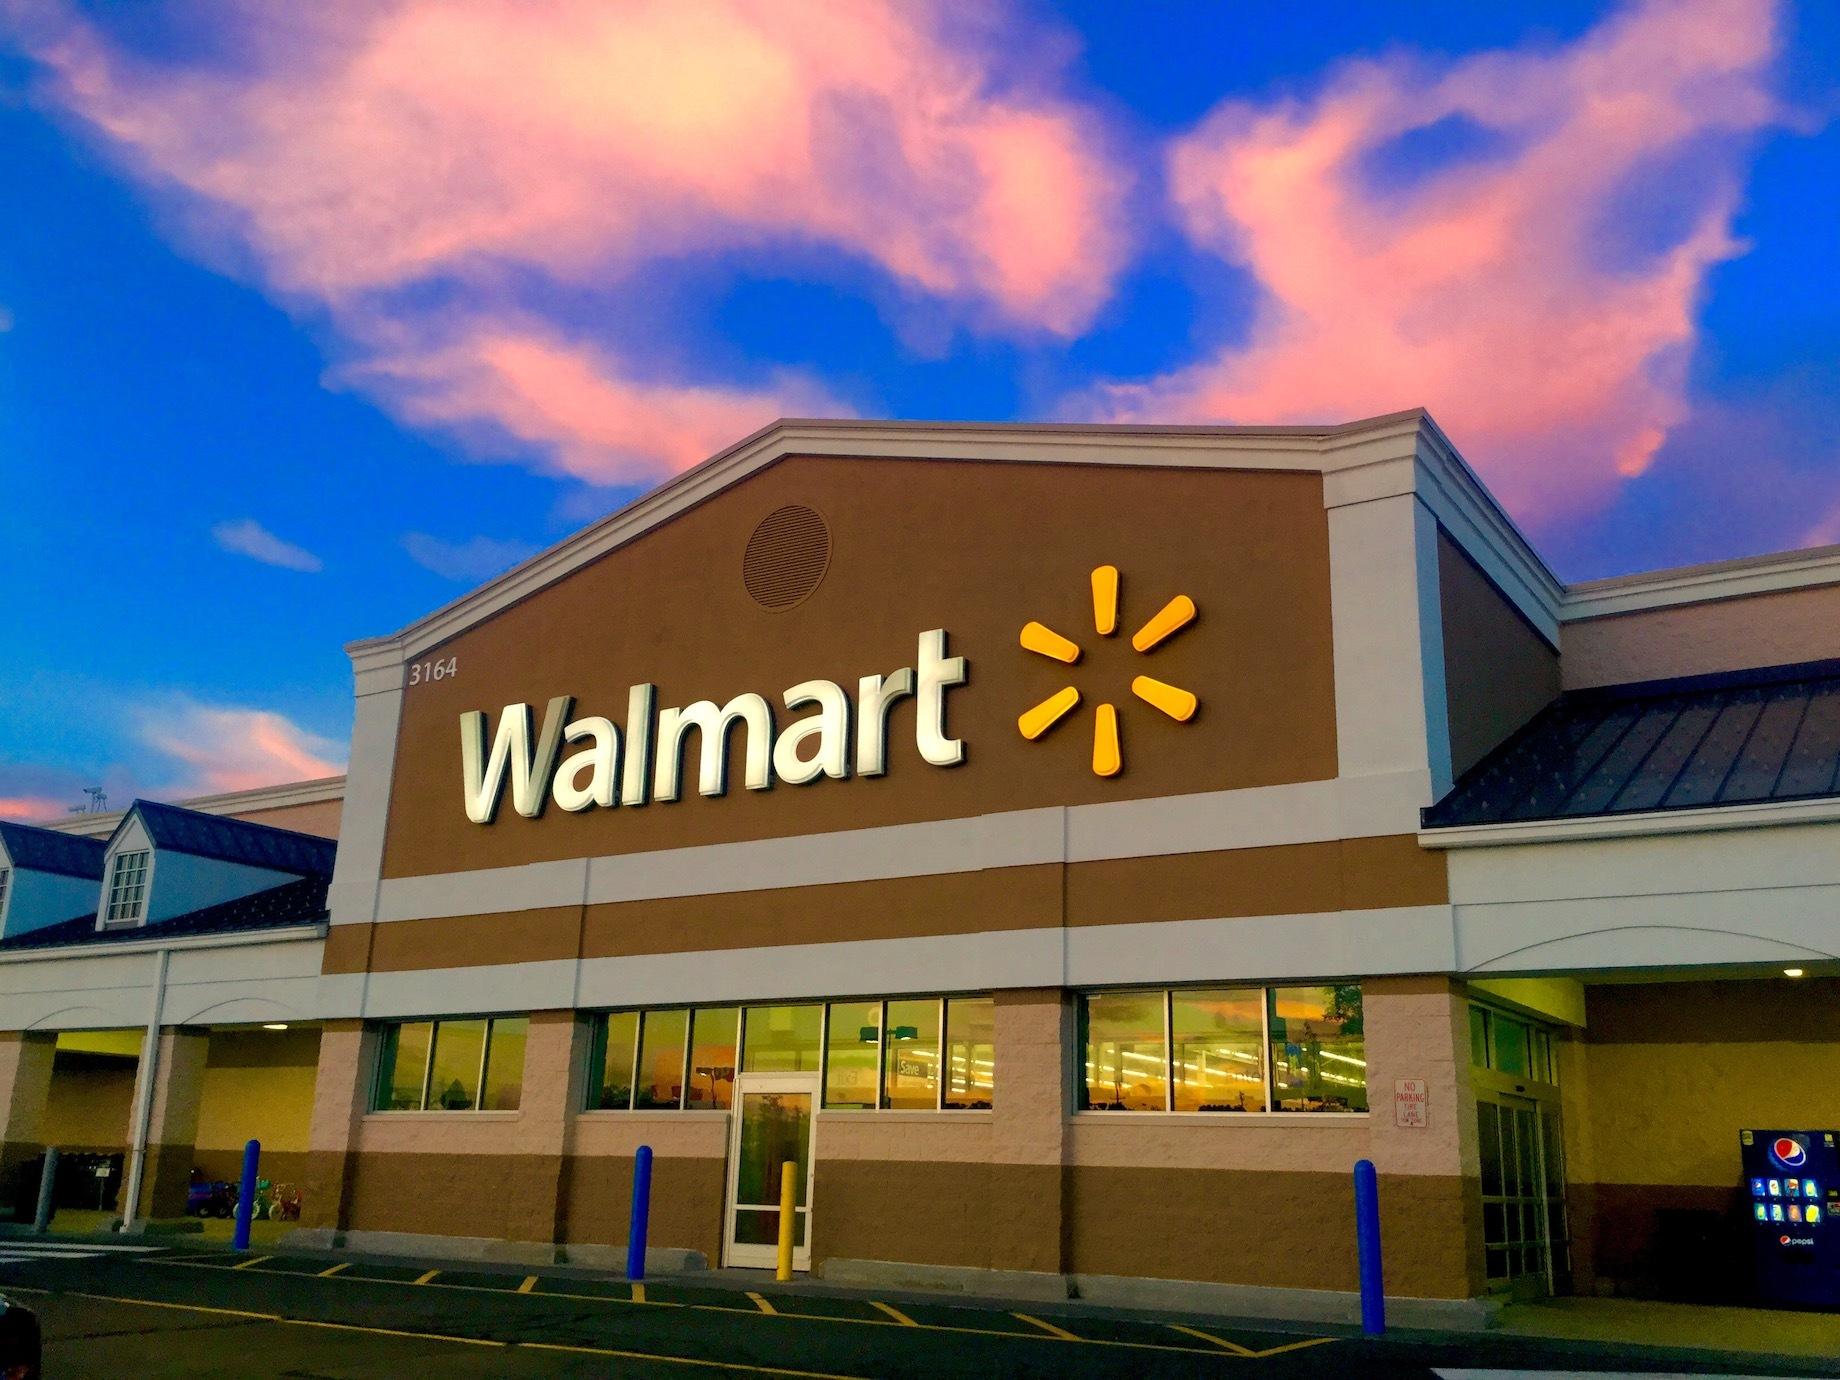 沃爾瑪這次不併購!內部孵化對話式購物服務上線